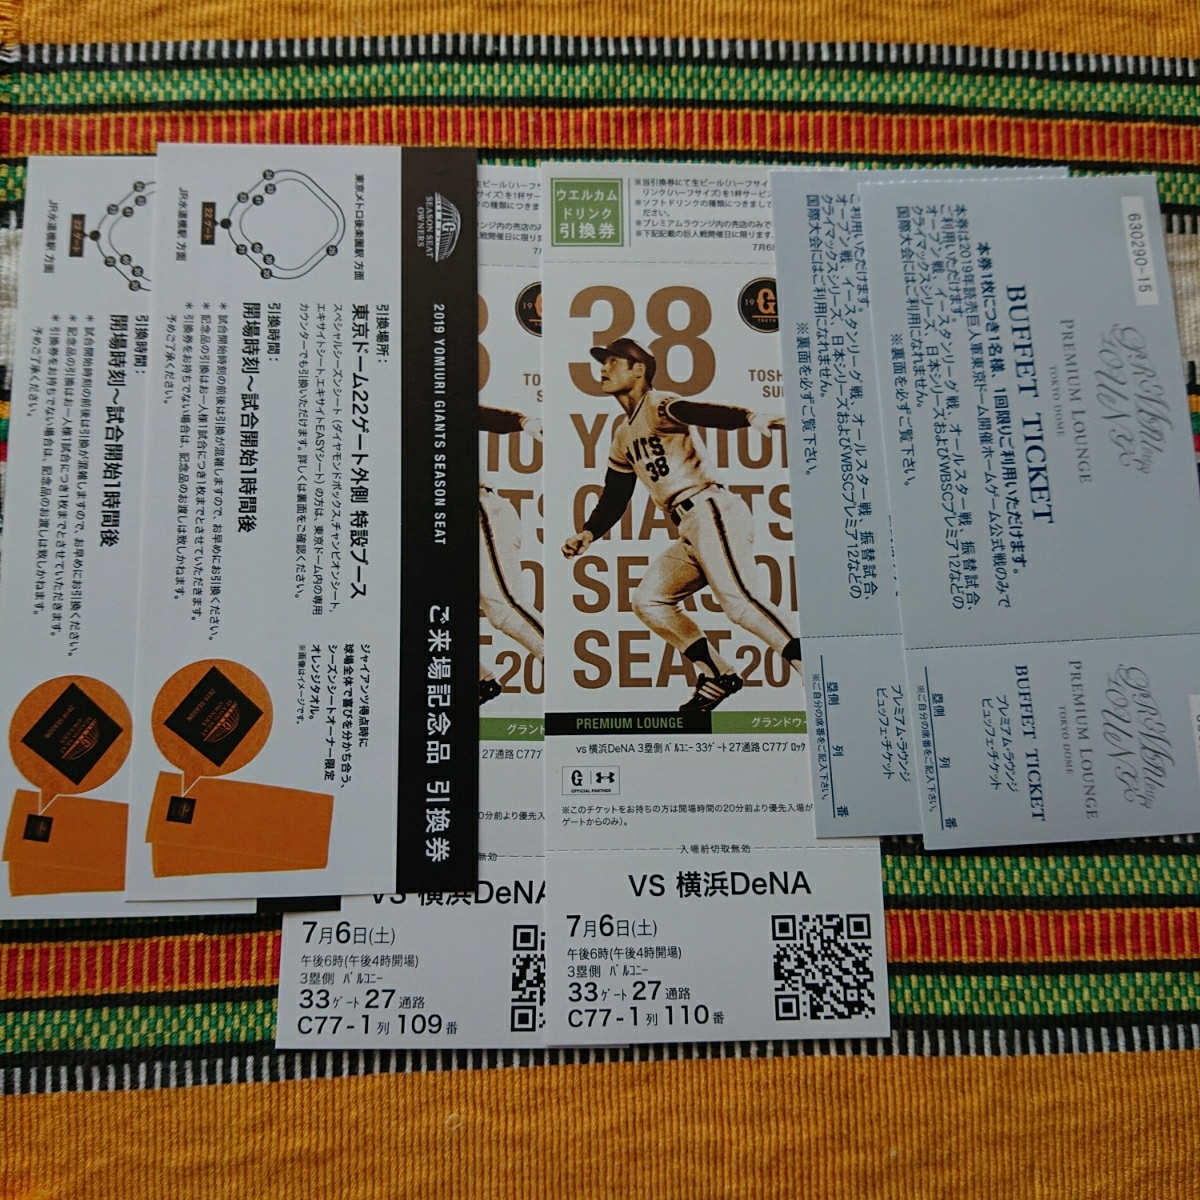 巨人VS横浜 7月6日土曜日 ペアチケット、プレミアムラウンジ、グランドウイング ビュッフェチケット、記念品引換券付き